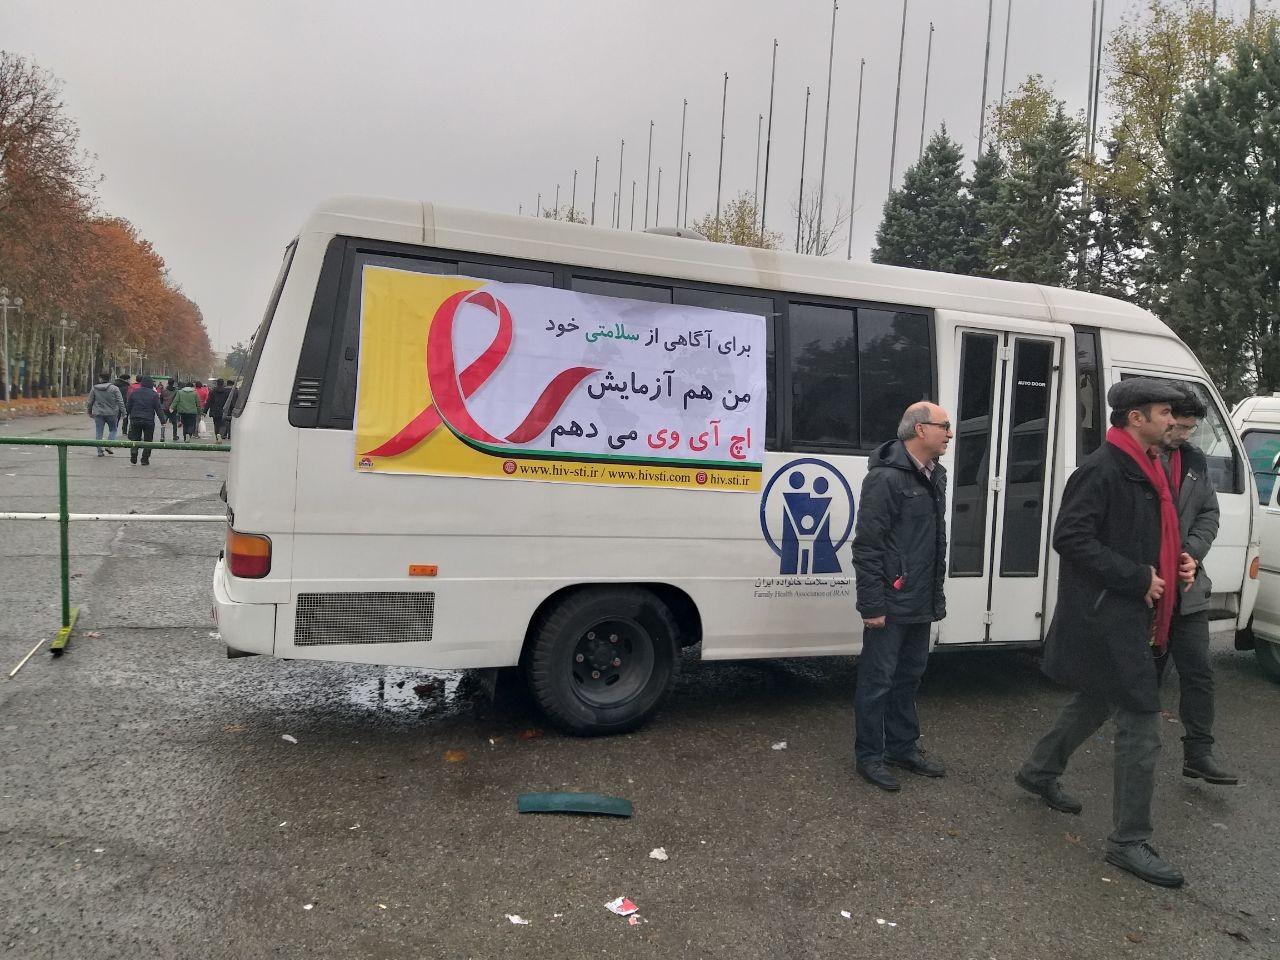 ایدز مهمانِ خودخوانده دیدار پرسپولیس- تراکتورسازی شد